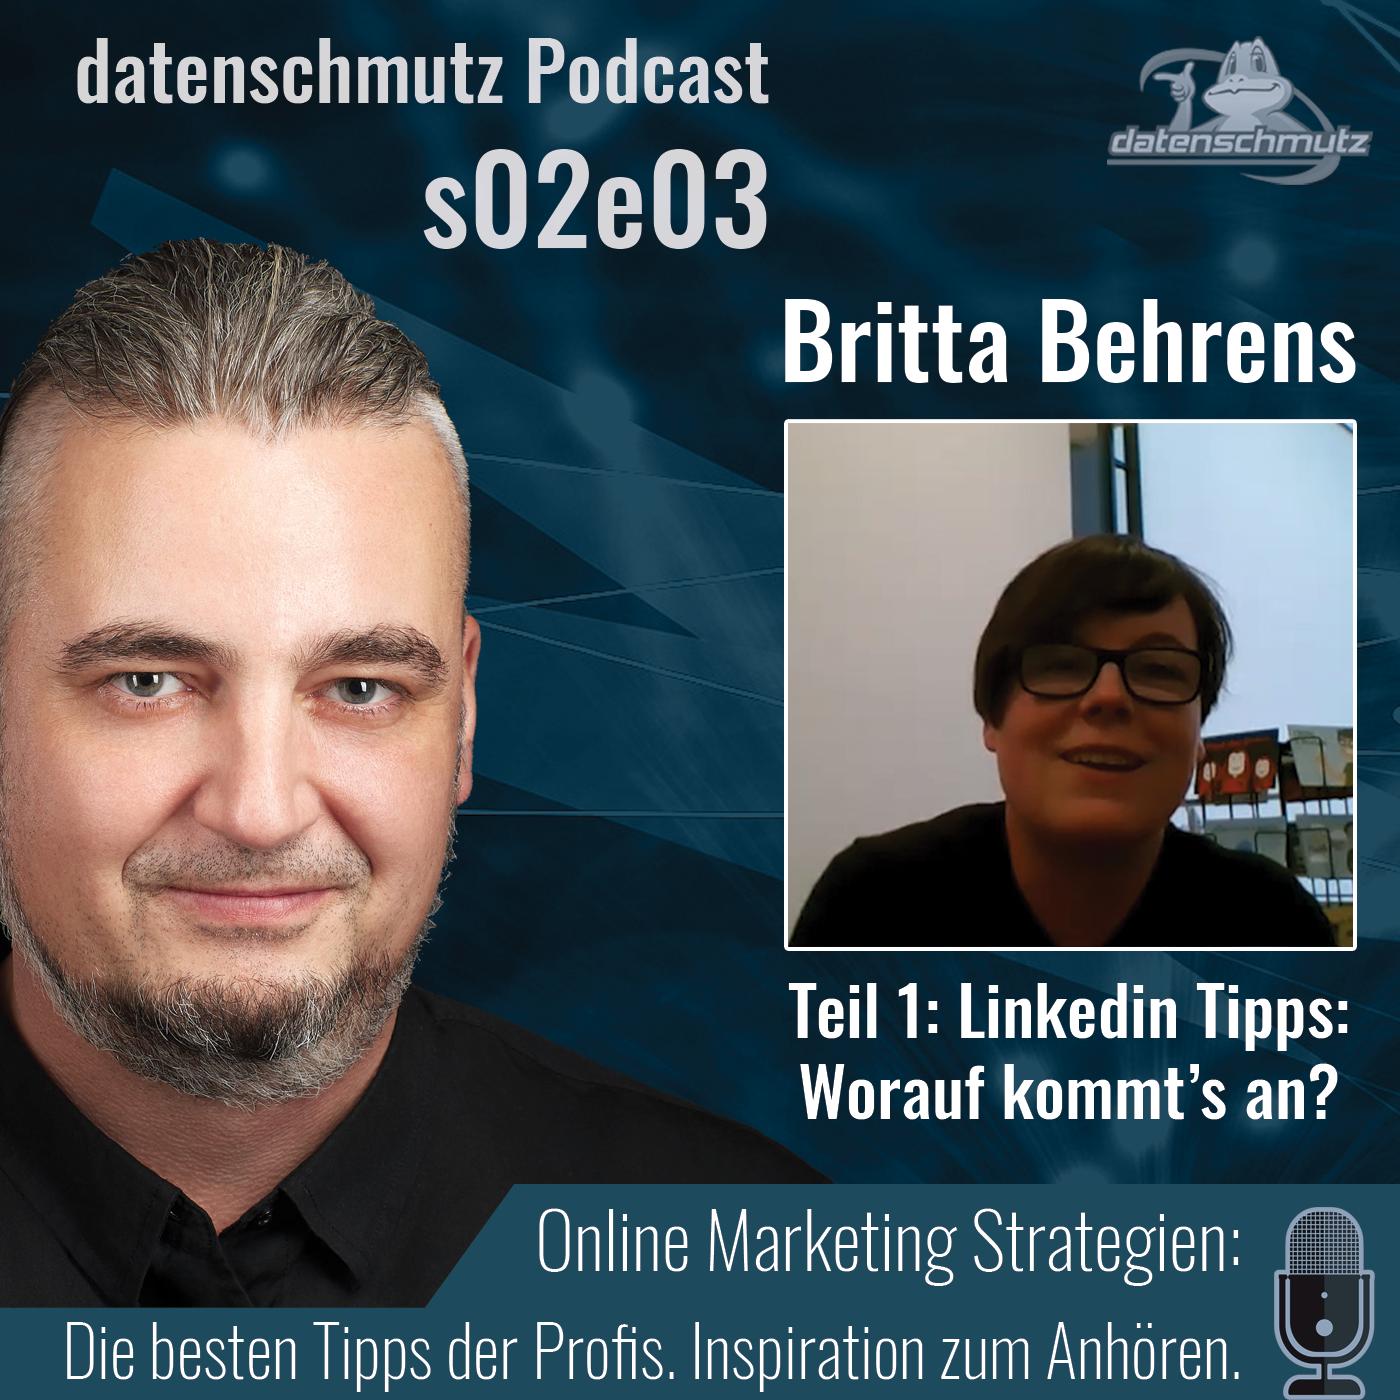 Britta Behrens im datenschmutz Podcast - Social Selling